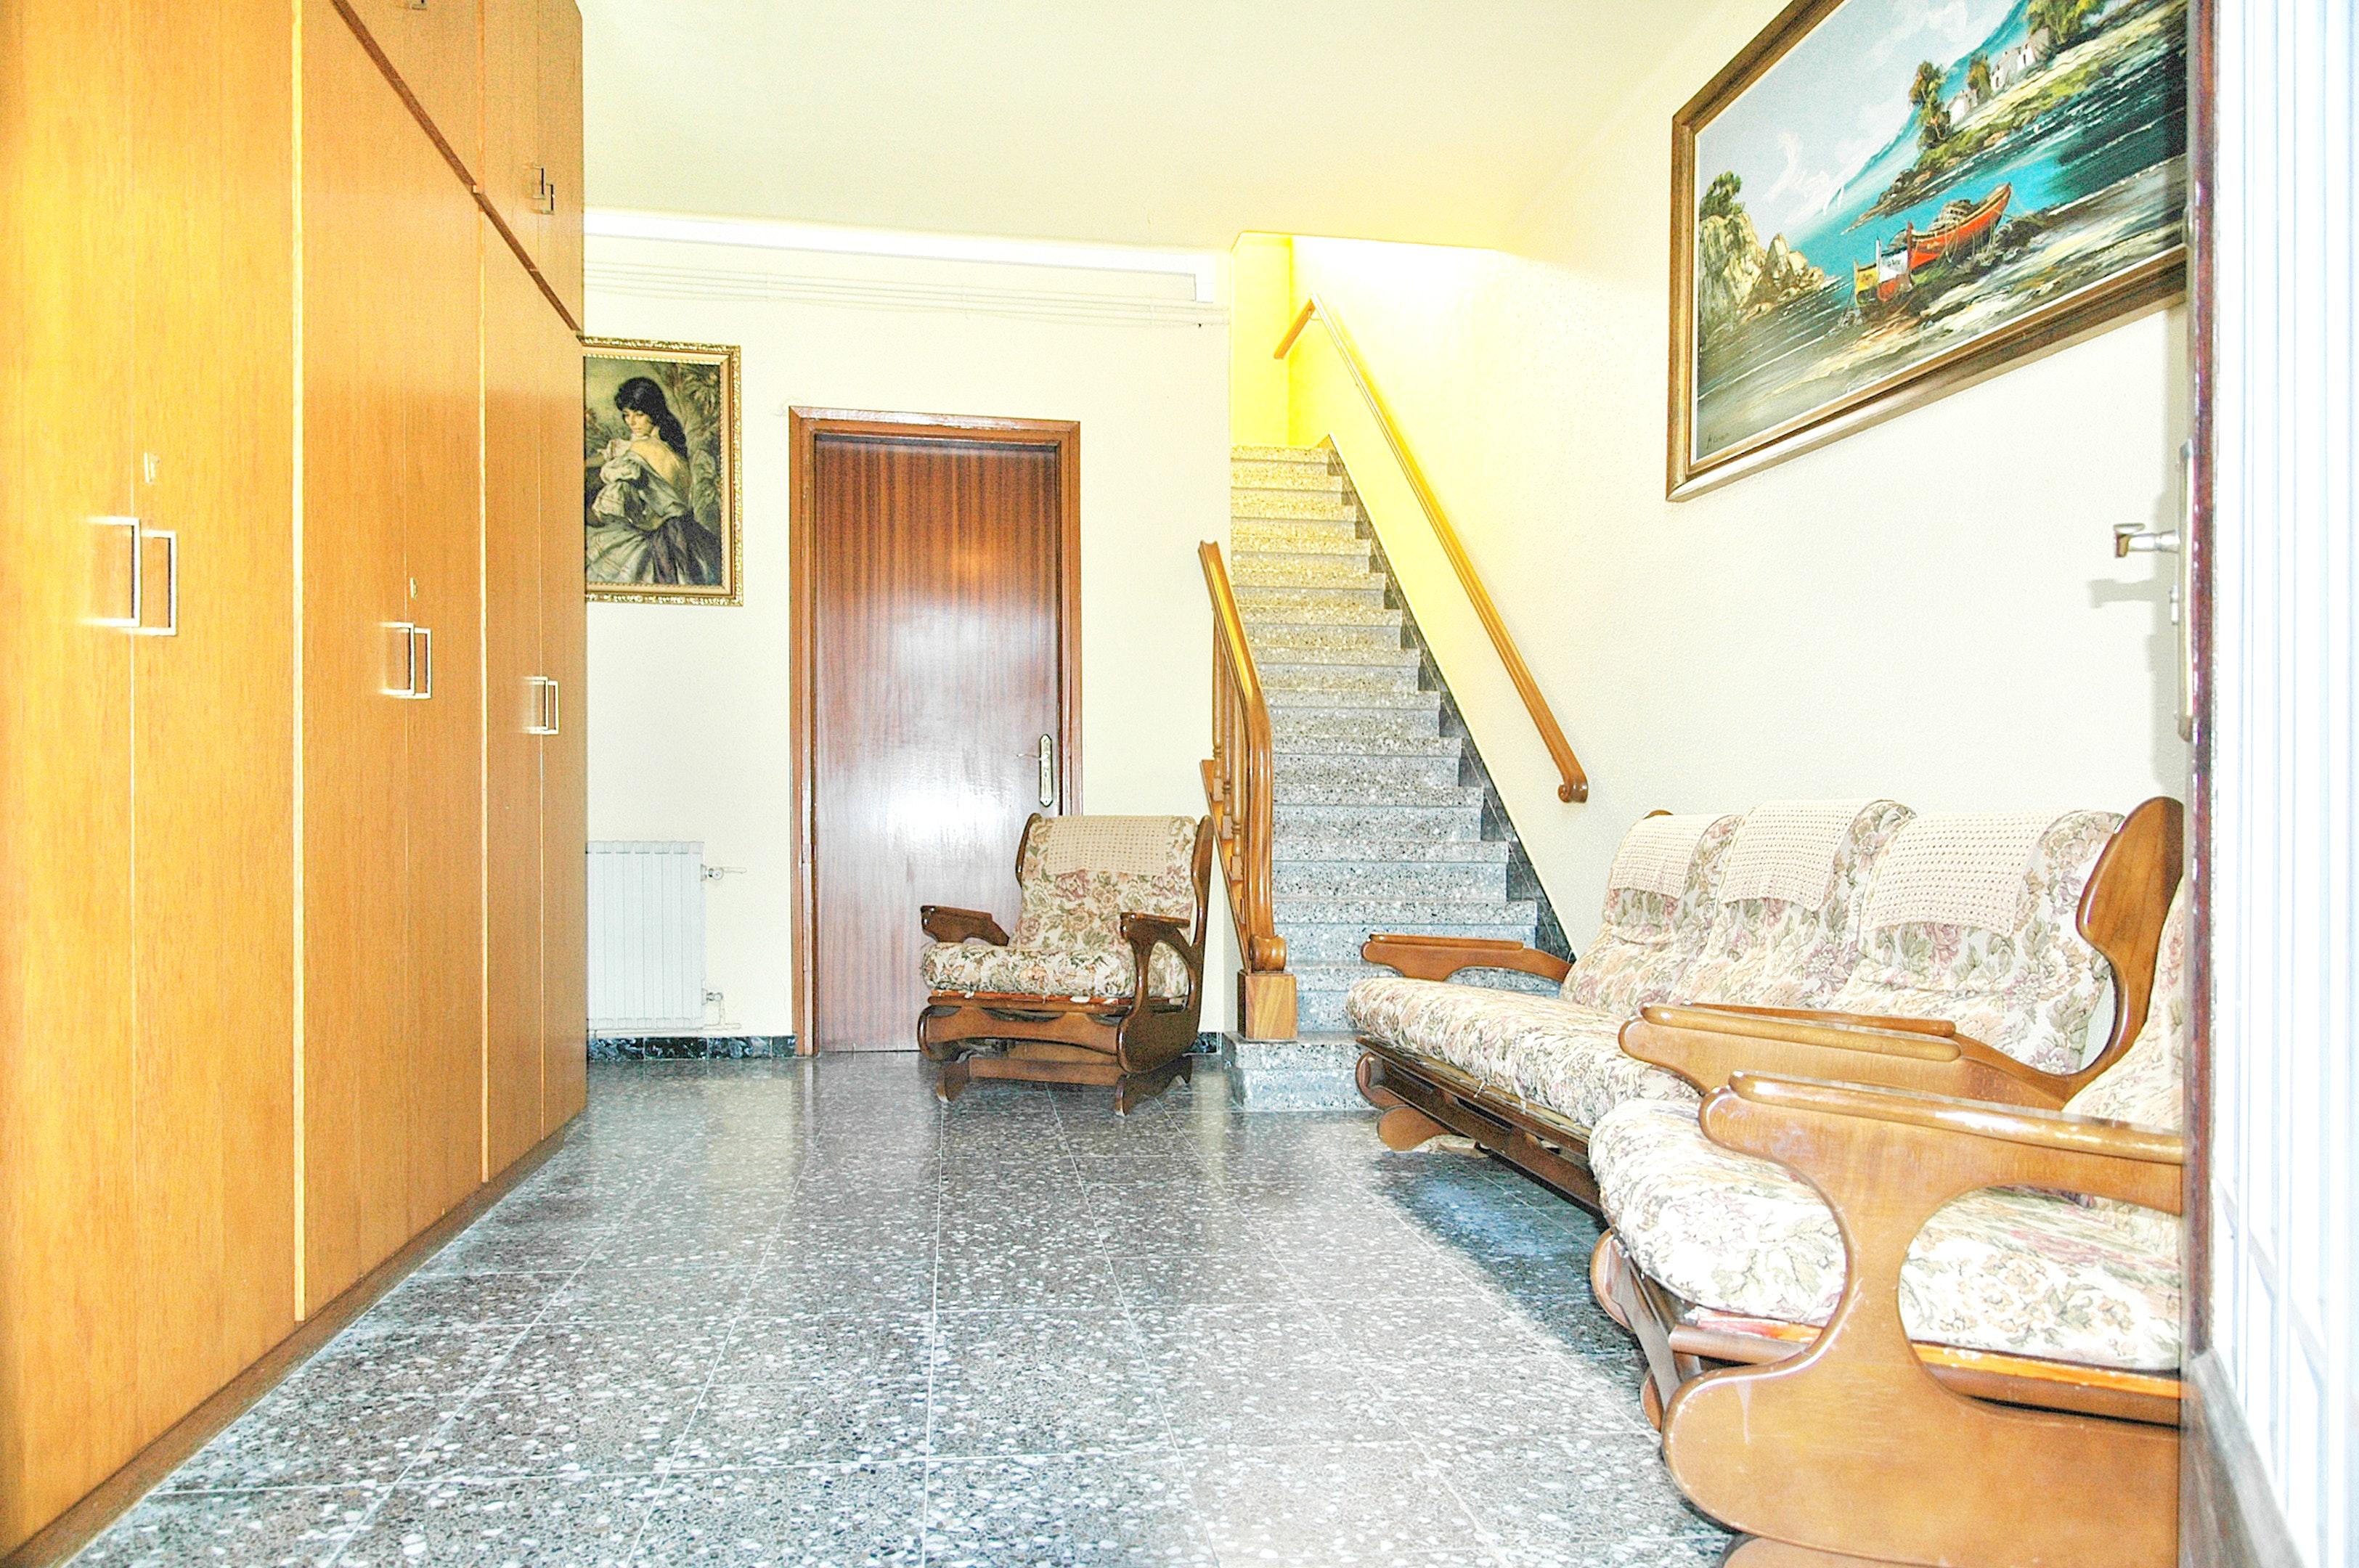 Ferienhaus Villa mit 6 Schlafzimmern in Canyelles mit toller Aussicht auf die Berge, privatem Pool, e (2339365), Canyelles, Costa del Garraf, Katalonien, Spanien, Bild 21